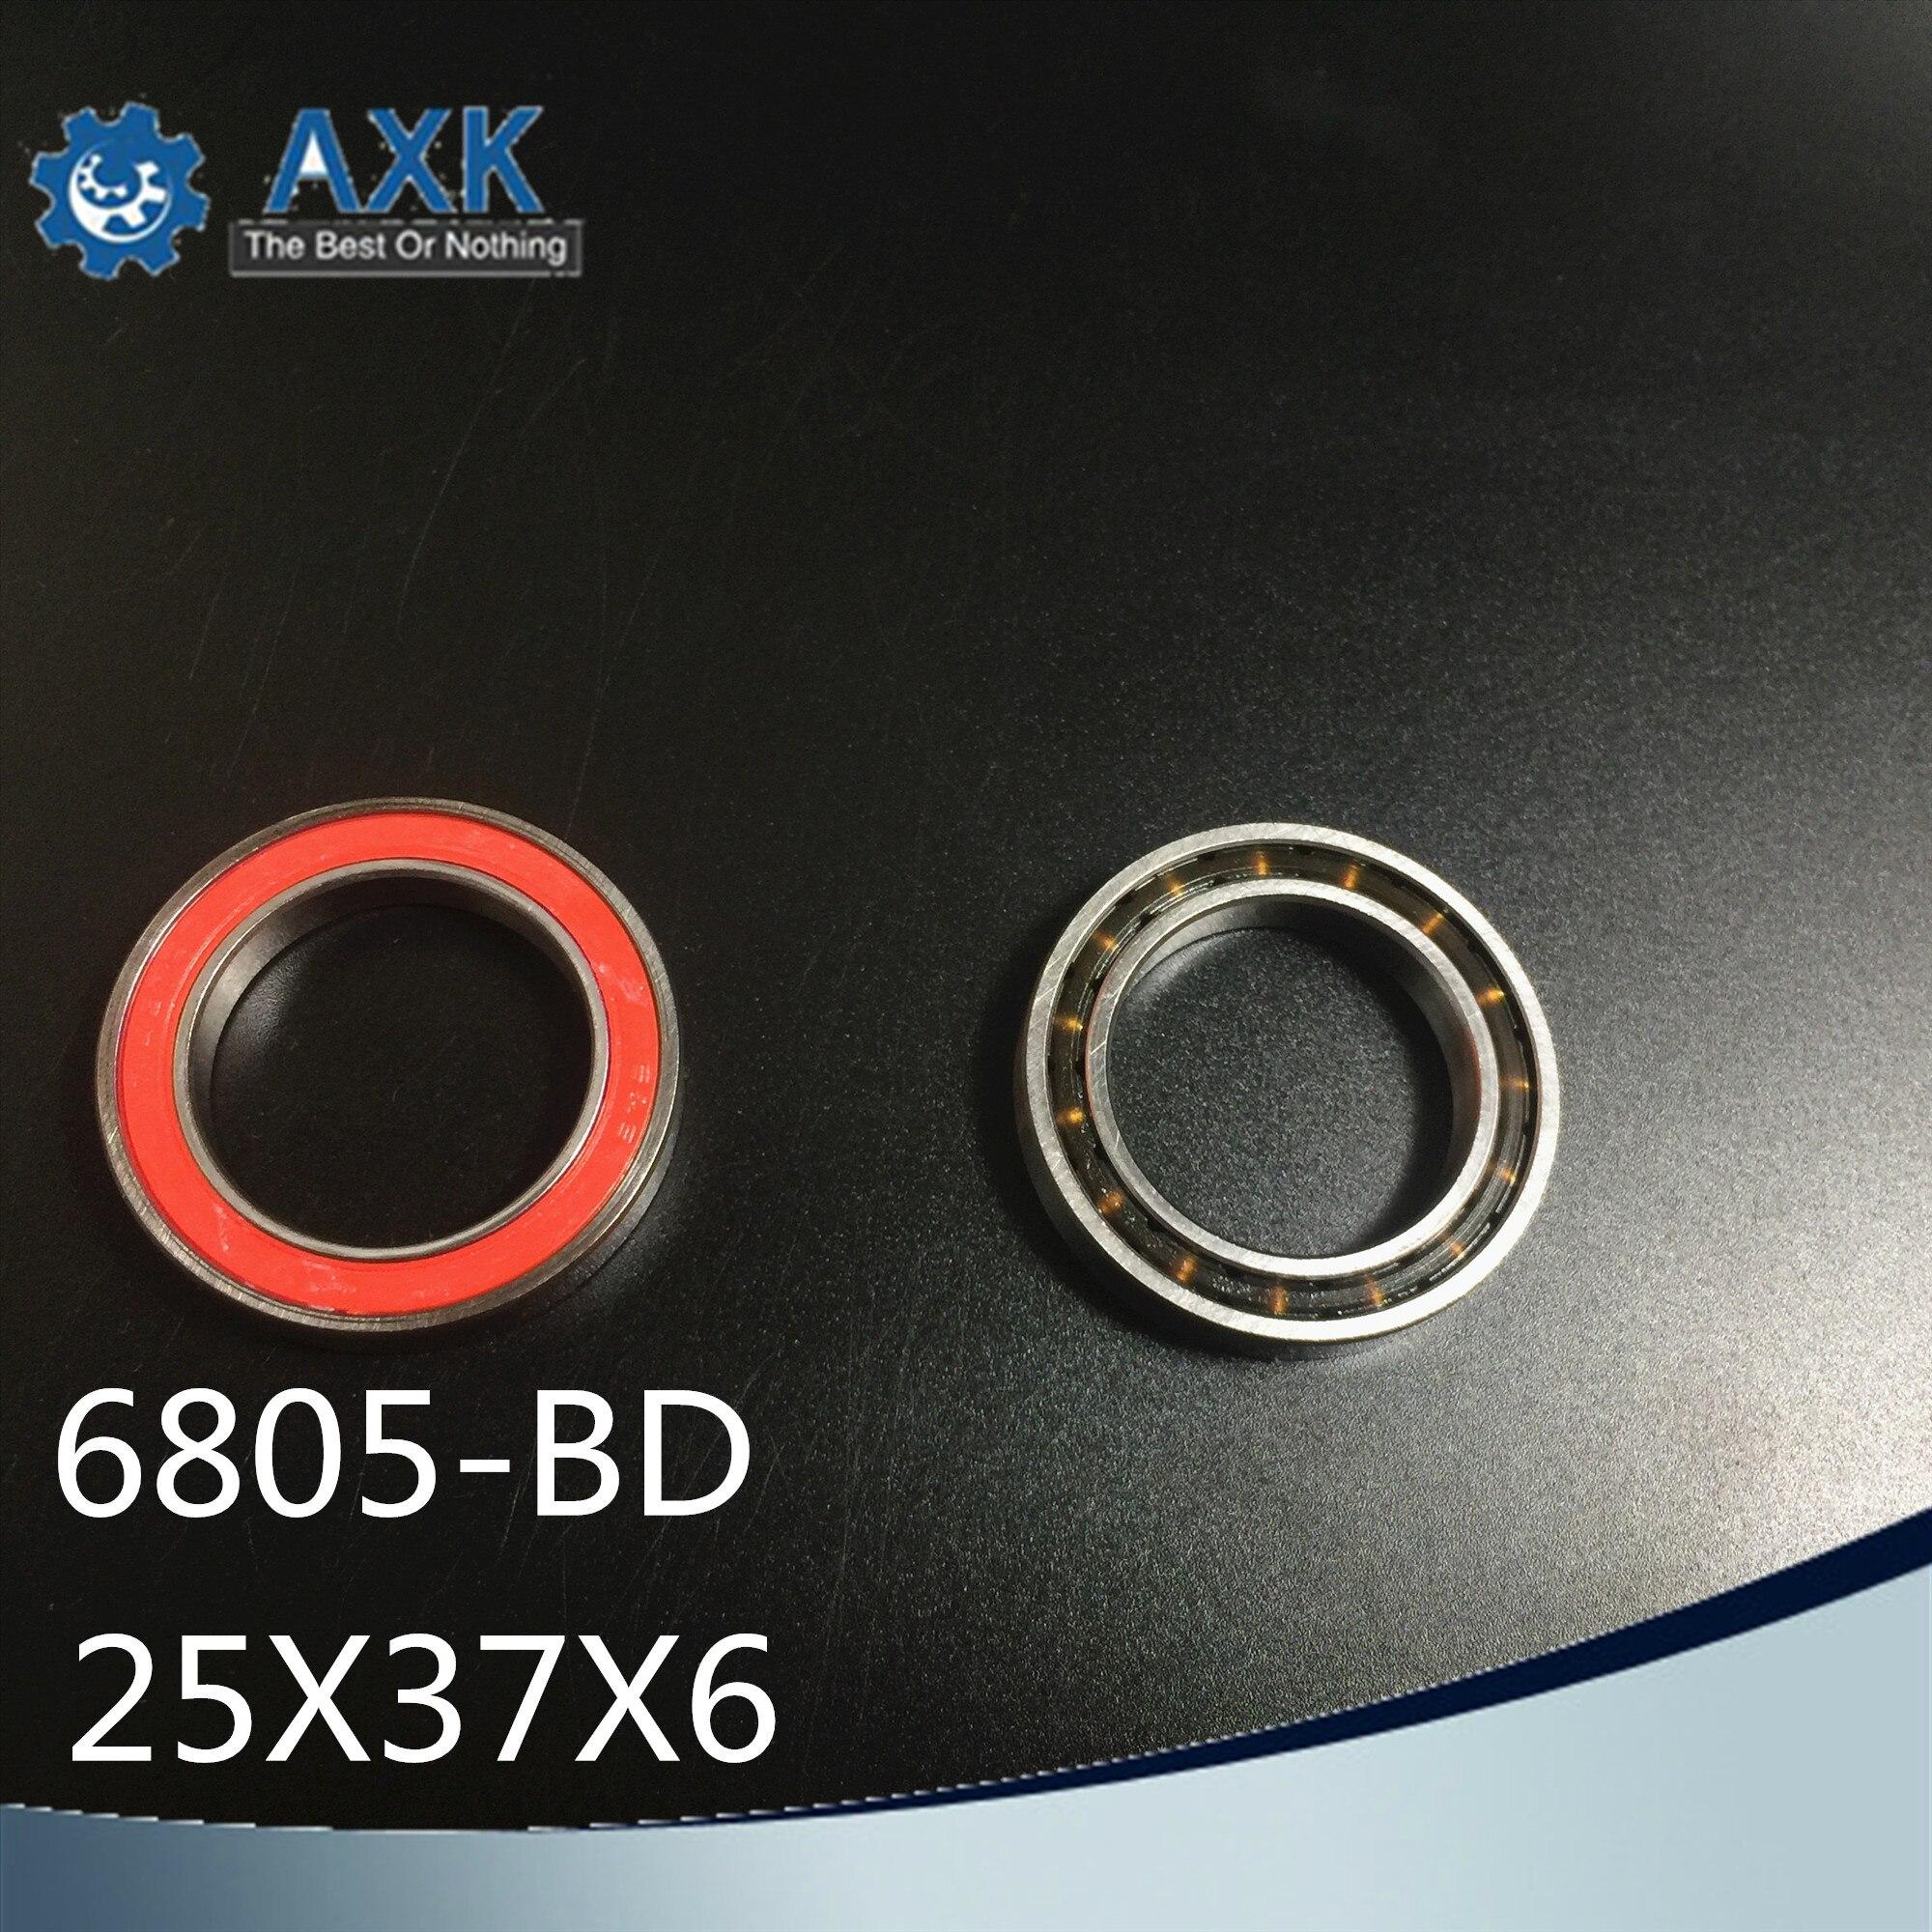 6805-RD Bearing (4 Pcs) 25*37*6 mm 6805RD Dedicated Bike Bottom Bracket Bearings 6805 RD  ( HT2 / BB51 ) MR25376 SC6805N RS6805-RD Bearing (4 Pcs) 25*37*6 mm 6805RD Dedicated Bike Bottom Bracket Bearings 6805 RD  ( HT2 / BB51 ) MR25376 SC6805N RS